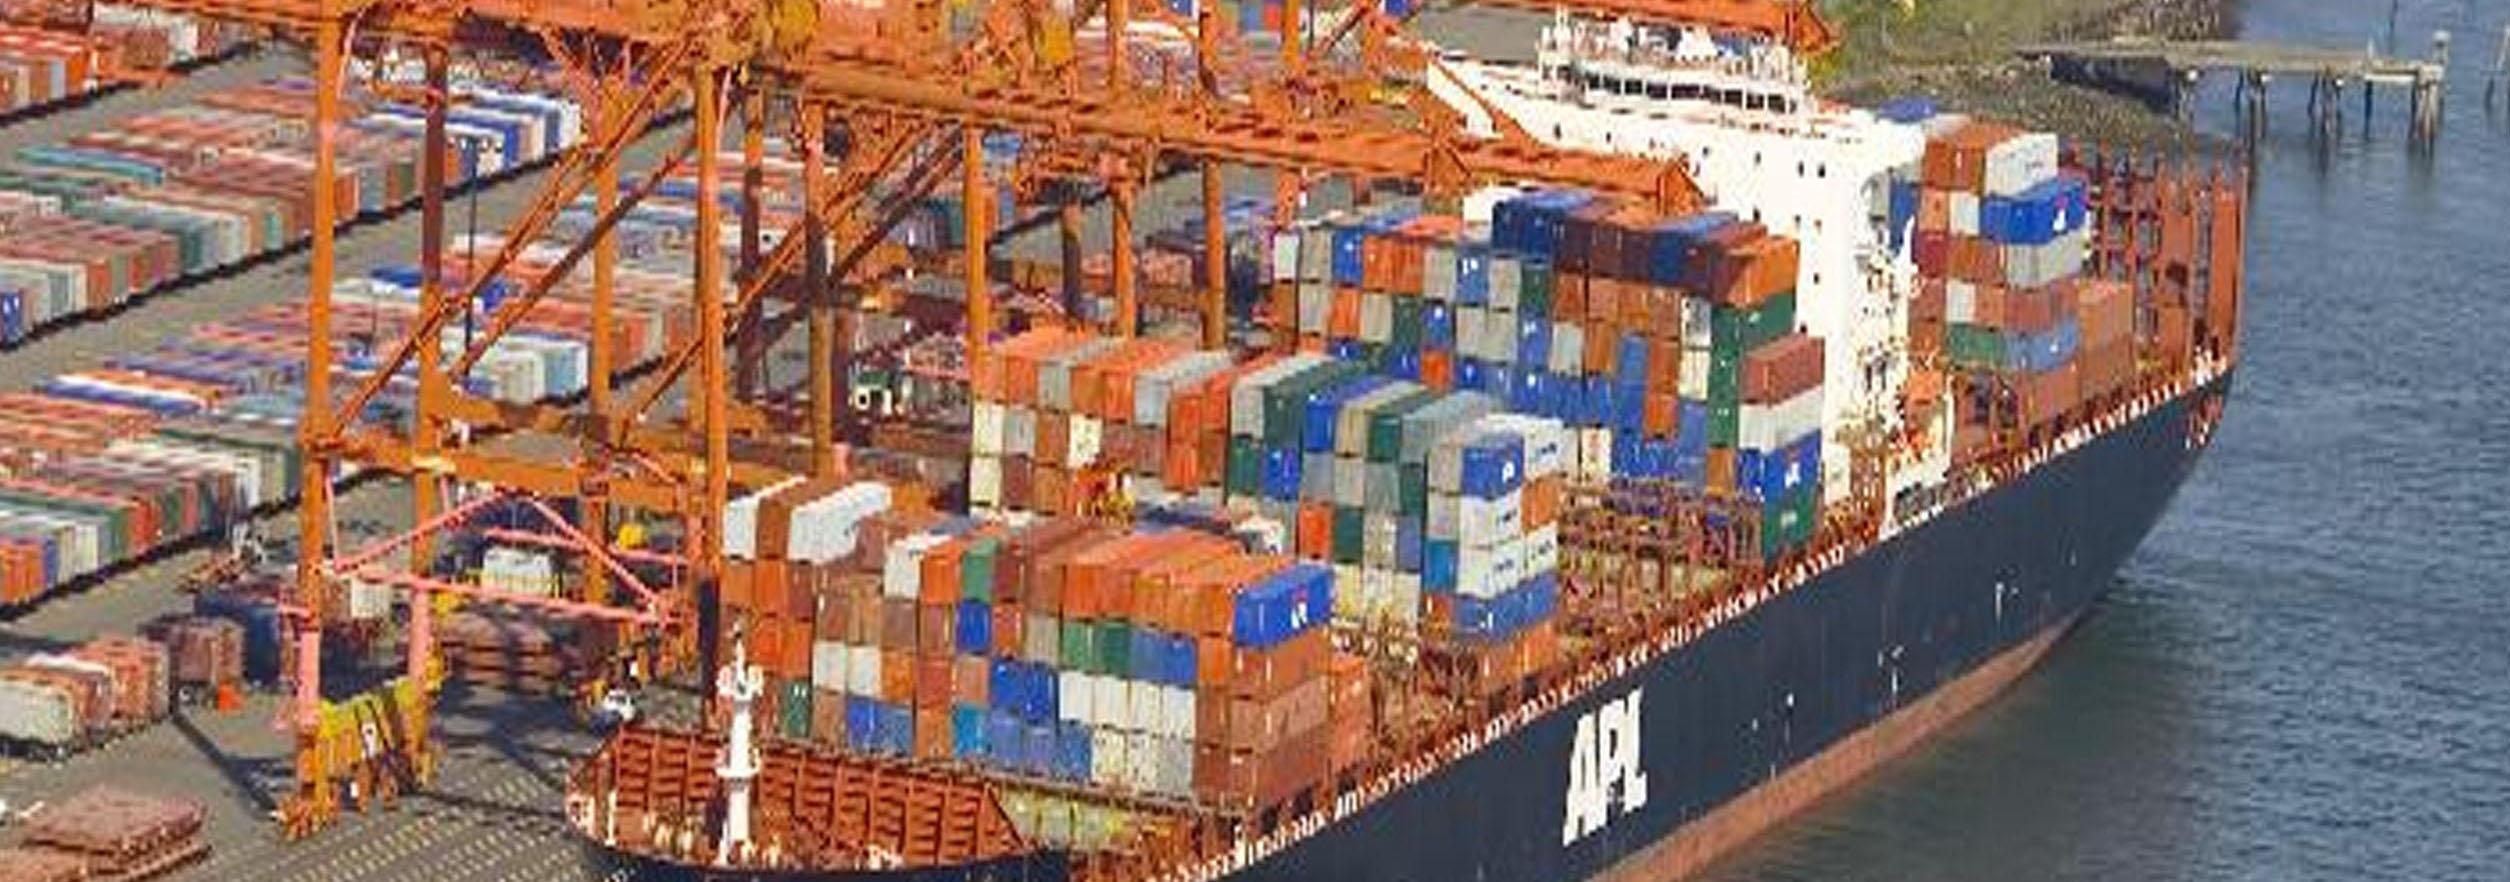 صدور مجوز واردات به شرط صادرات مجدد شکر